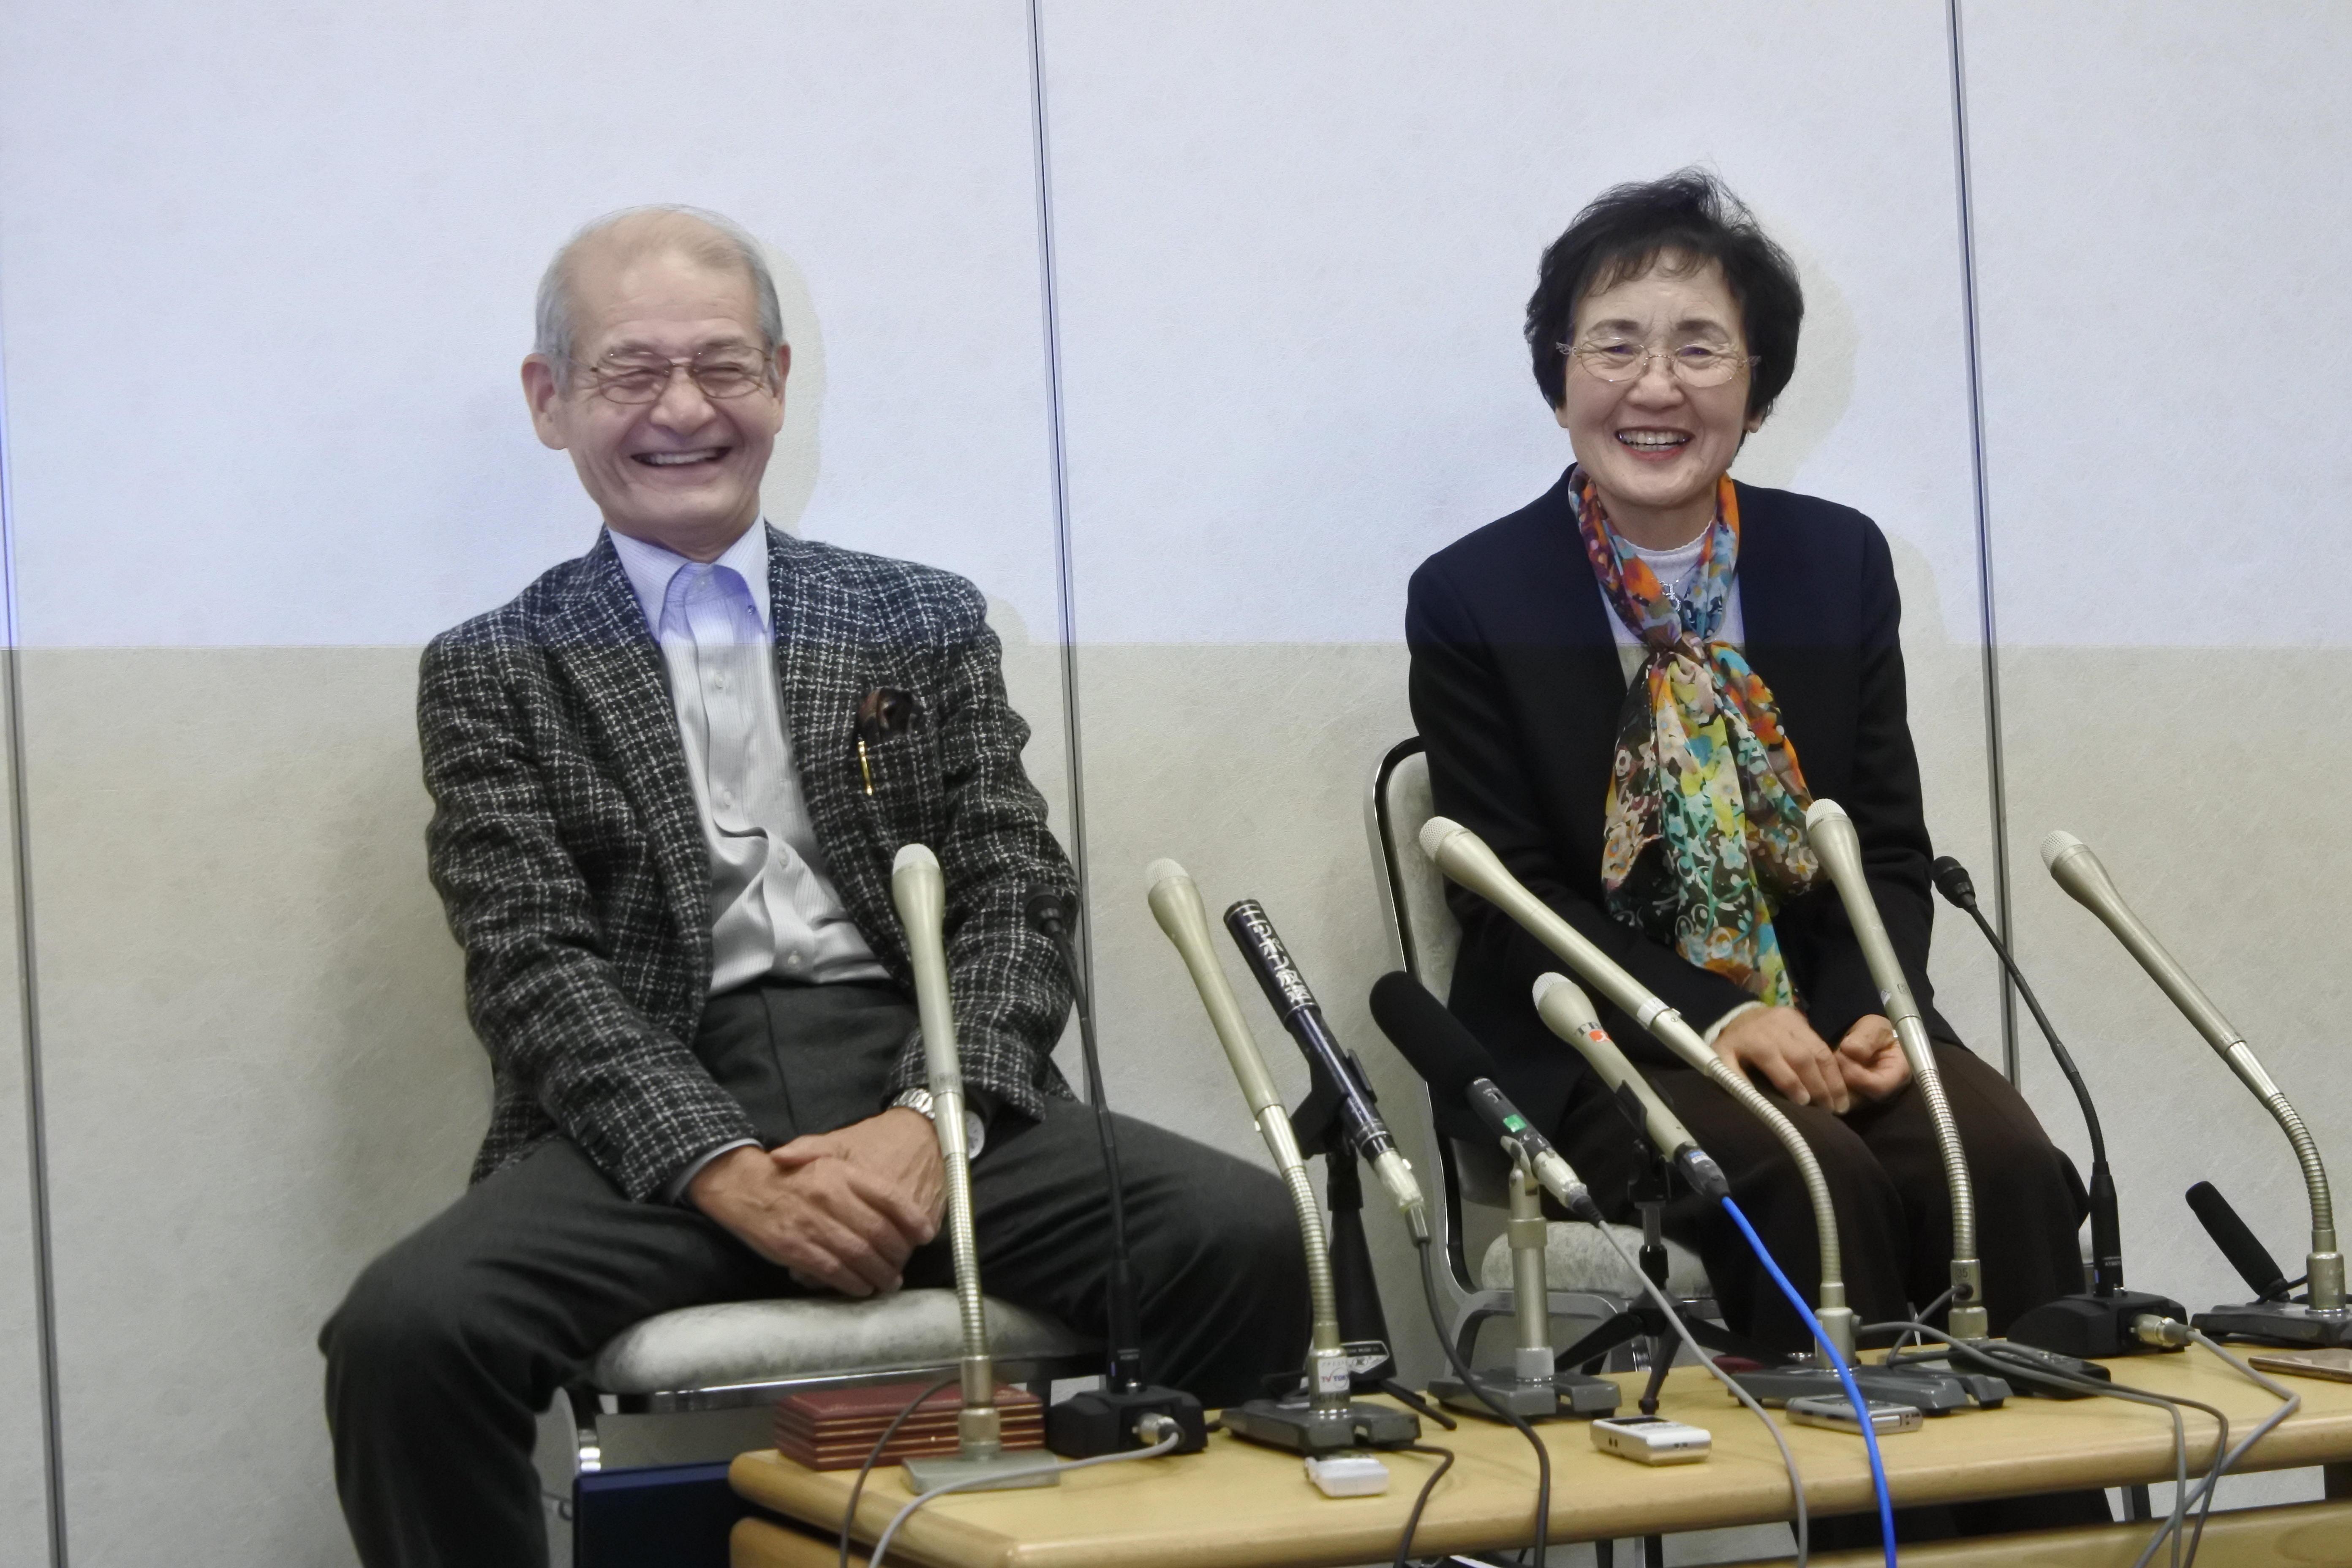 笑顔で記者会見する吉野教授(左)と久美子夫人